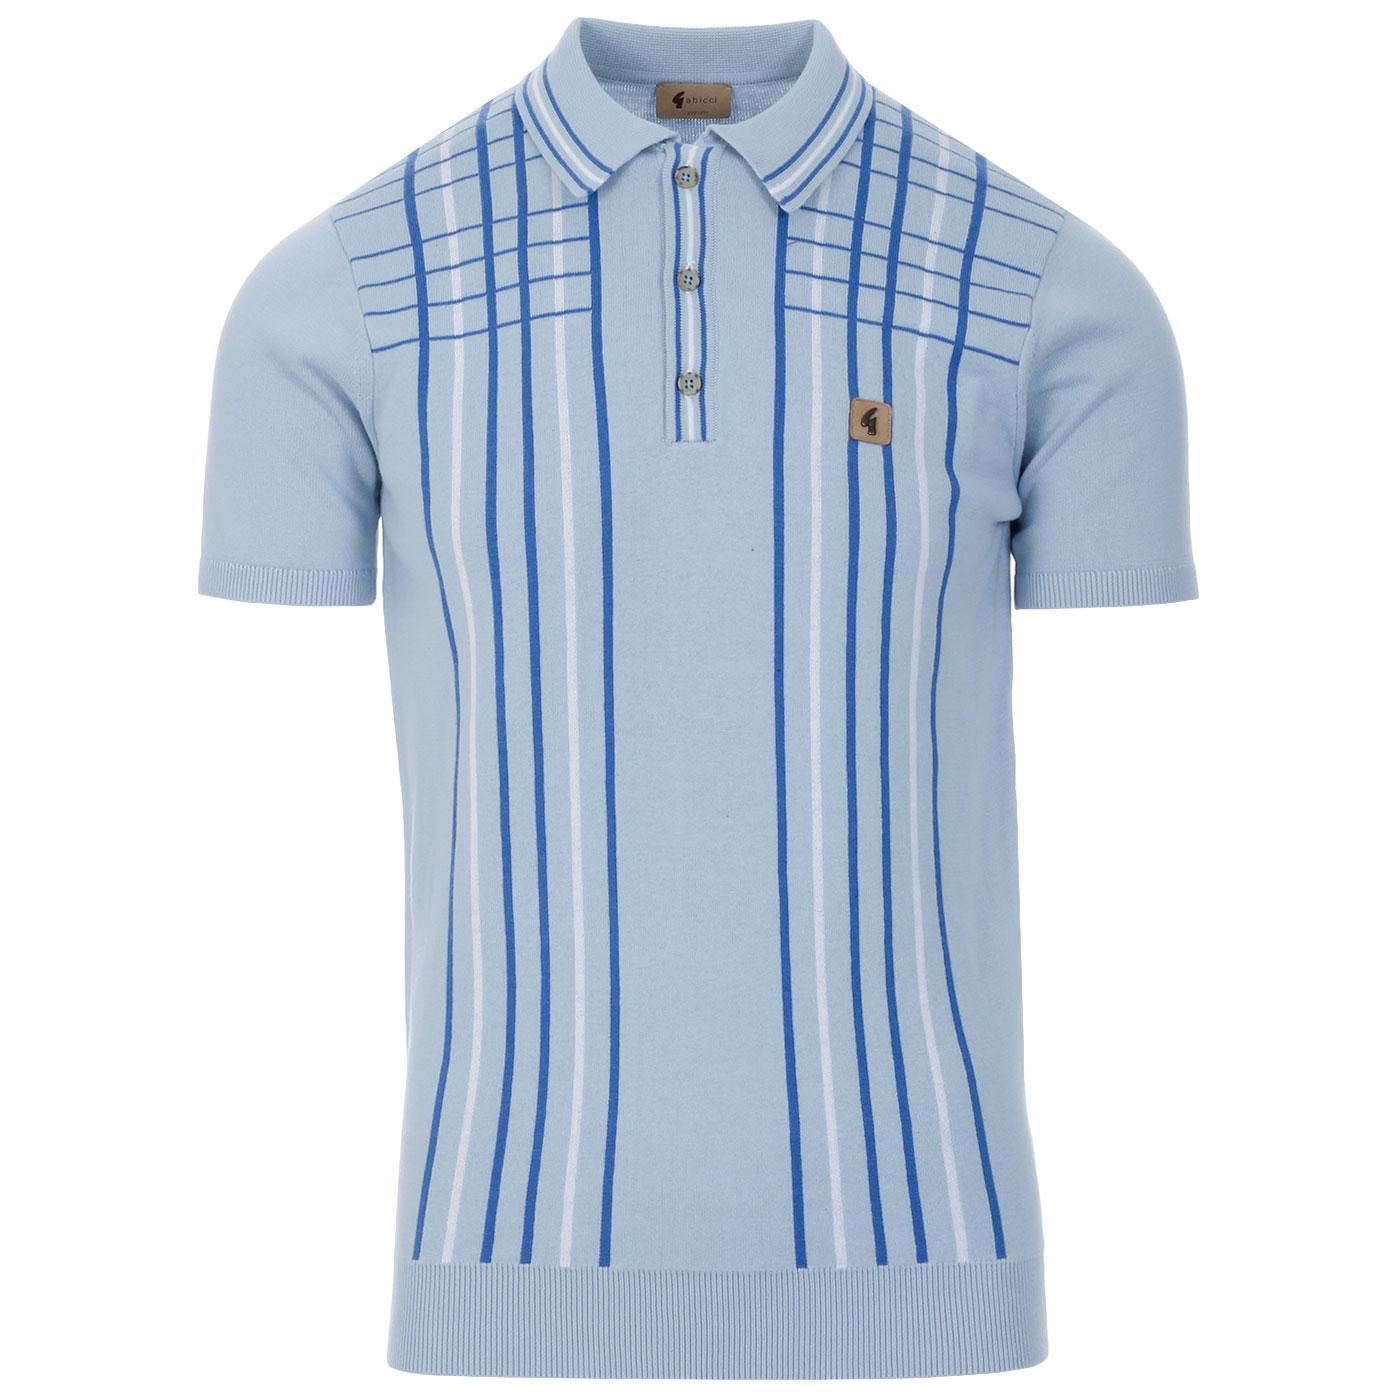 Bale GABICCI VINTAGE Check Stripe Knit Polo (Ice)